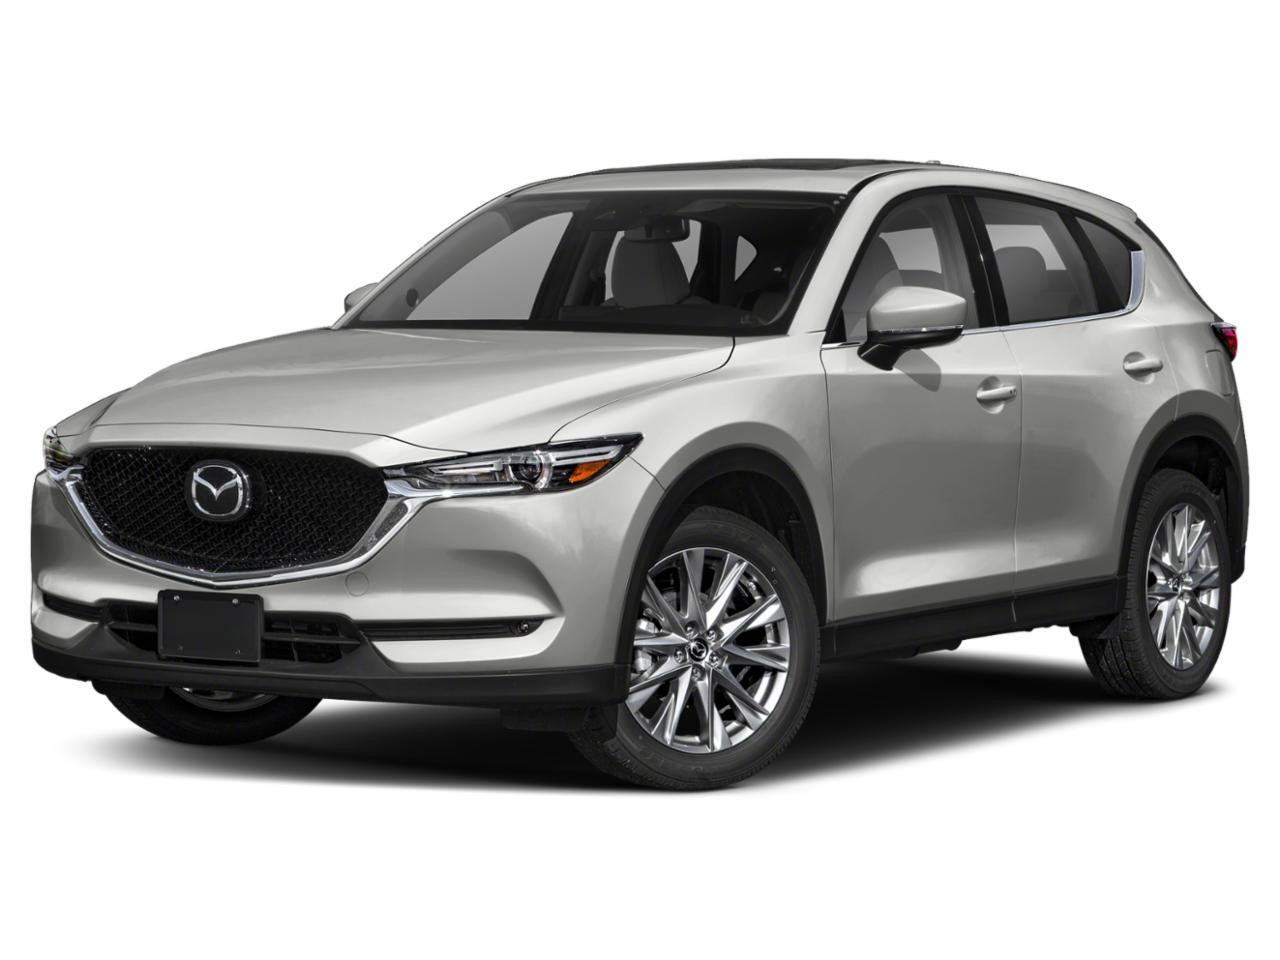 2020 Mazda CX-5 Vehicle Photo in Tulsa, OK 74133